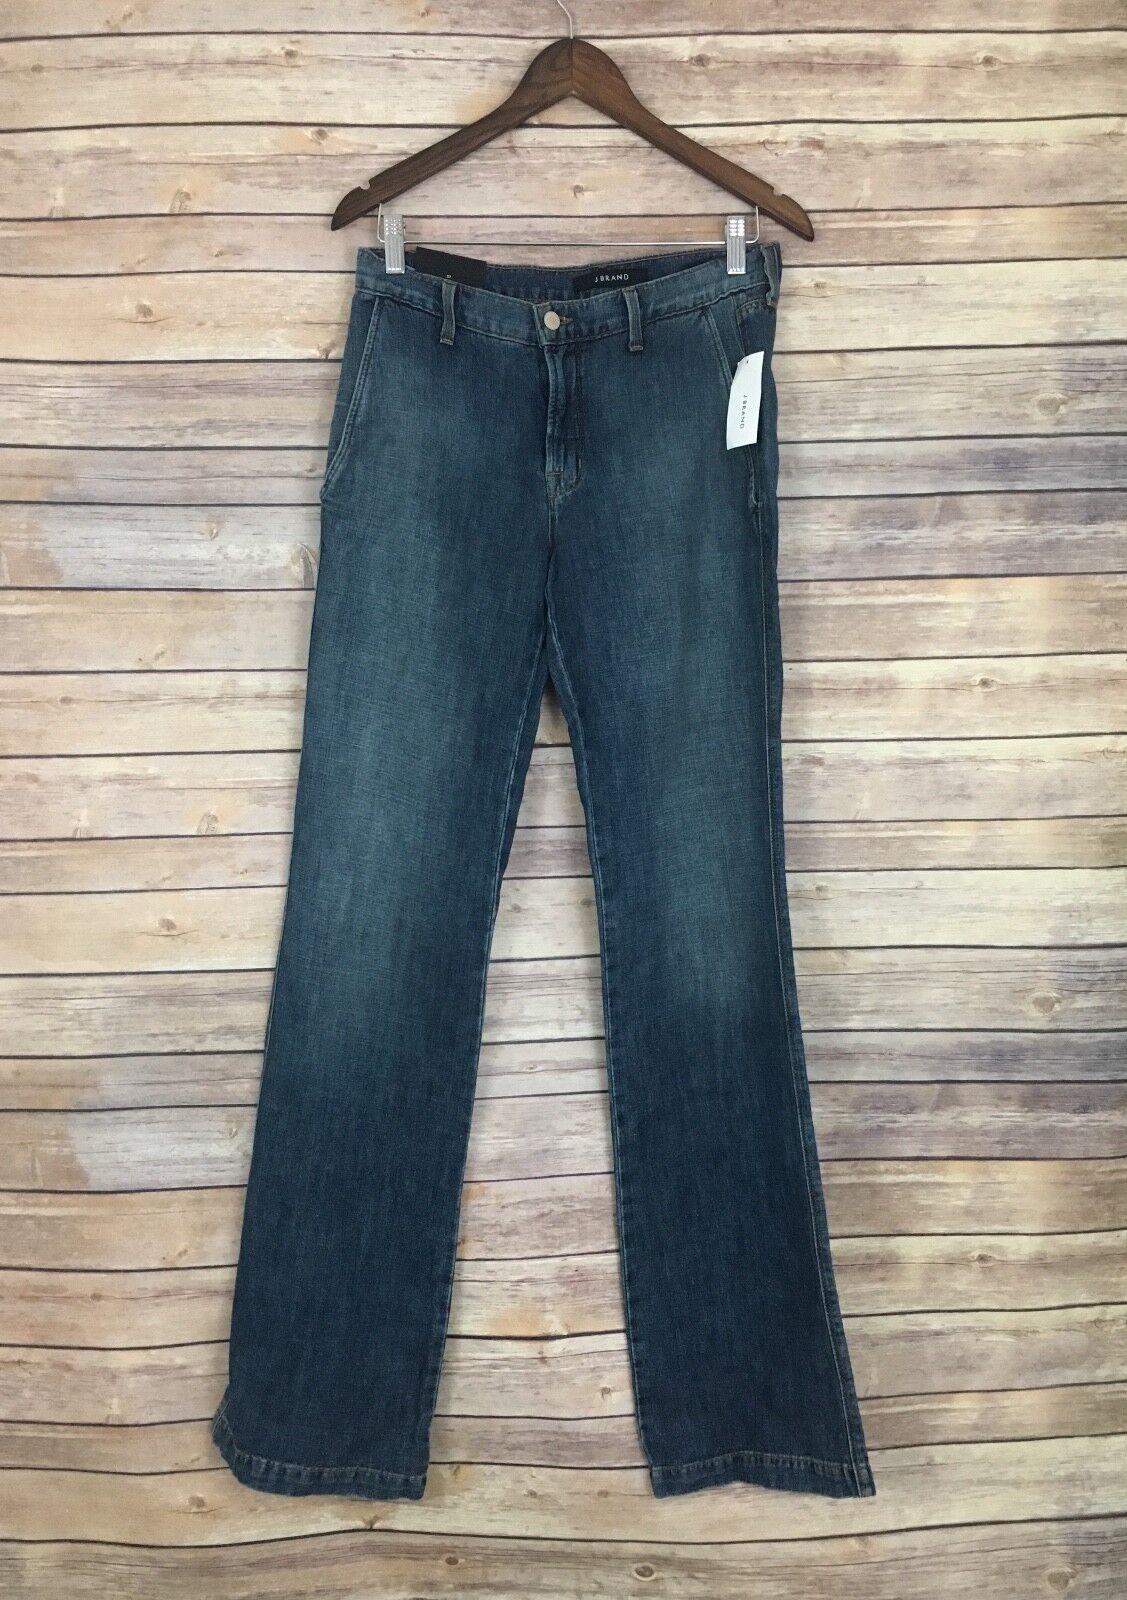 New J Brand Glenn Westerly Jeans (Size 27)